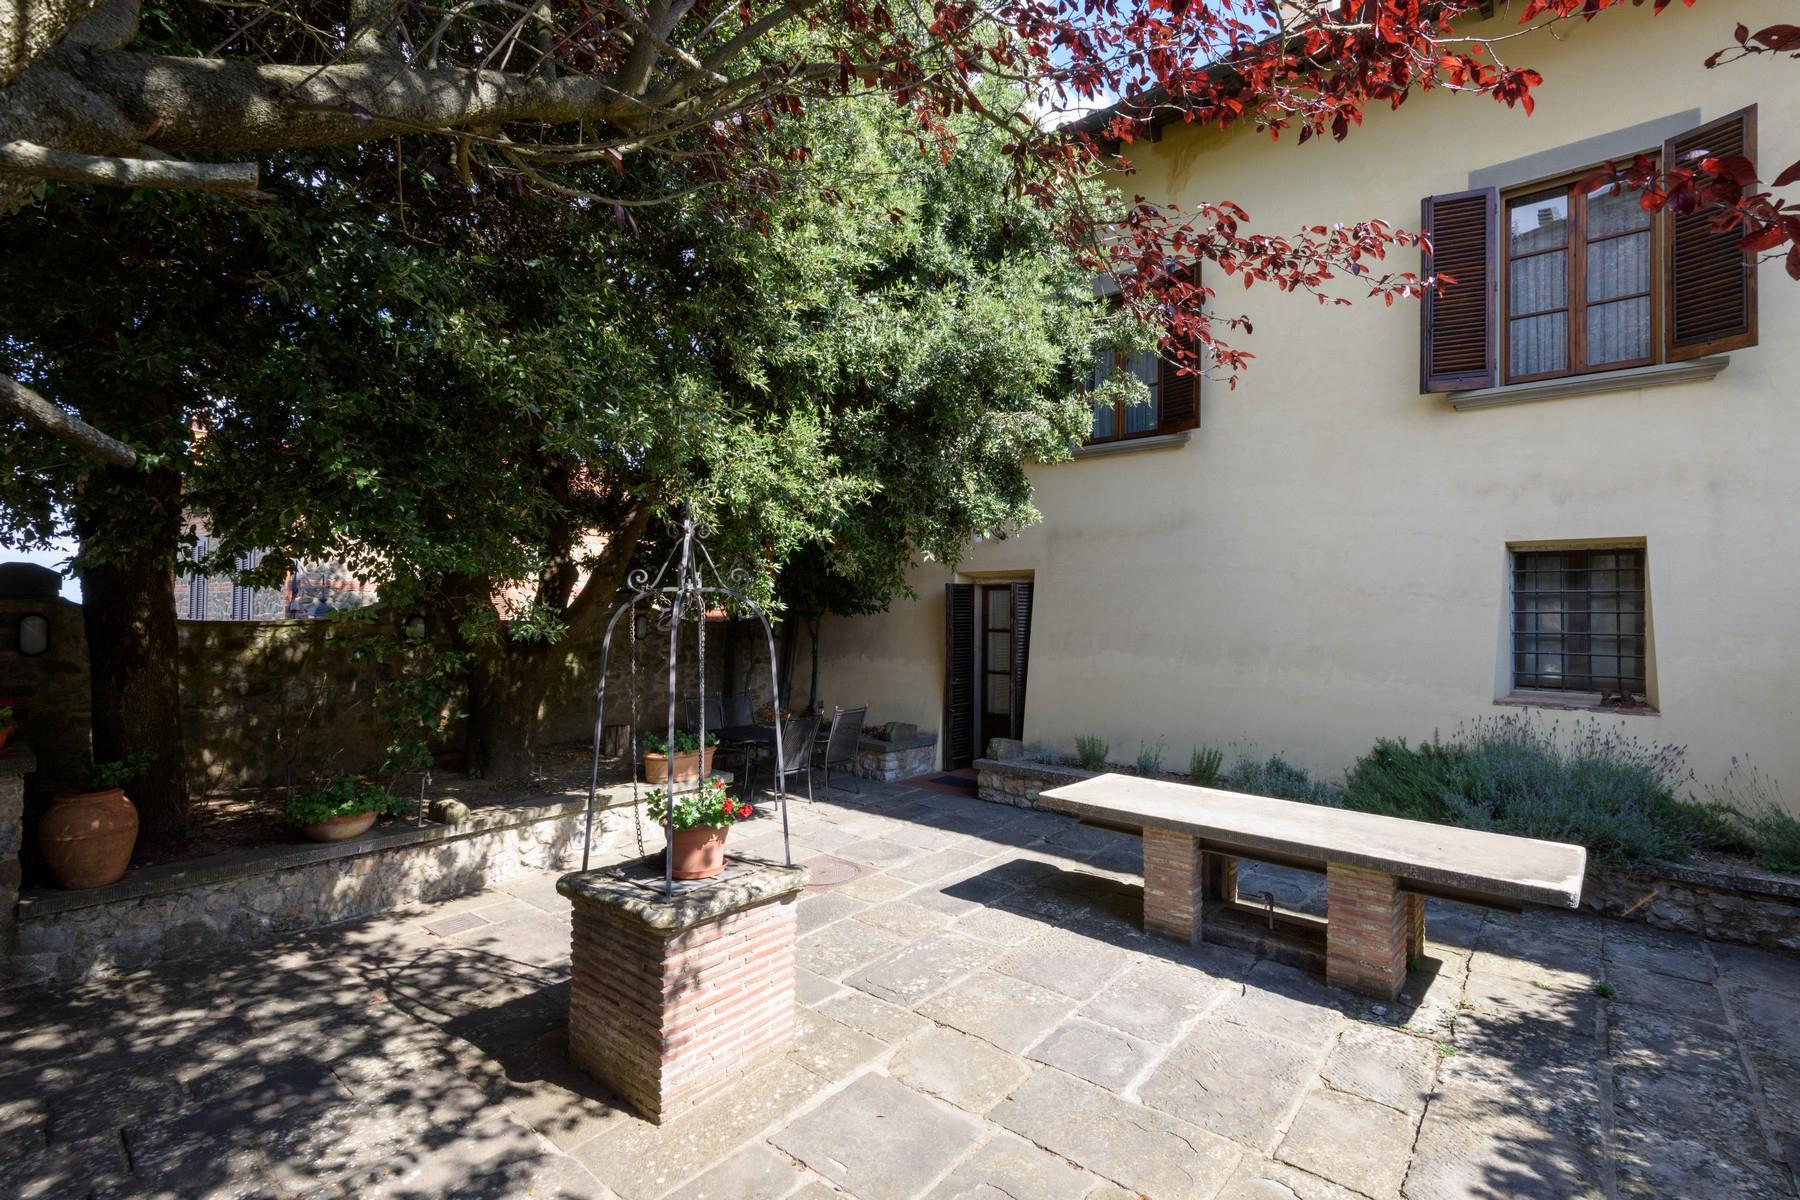 Val di Chiana中心地带10世纪的建筑 - 5